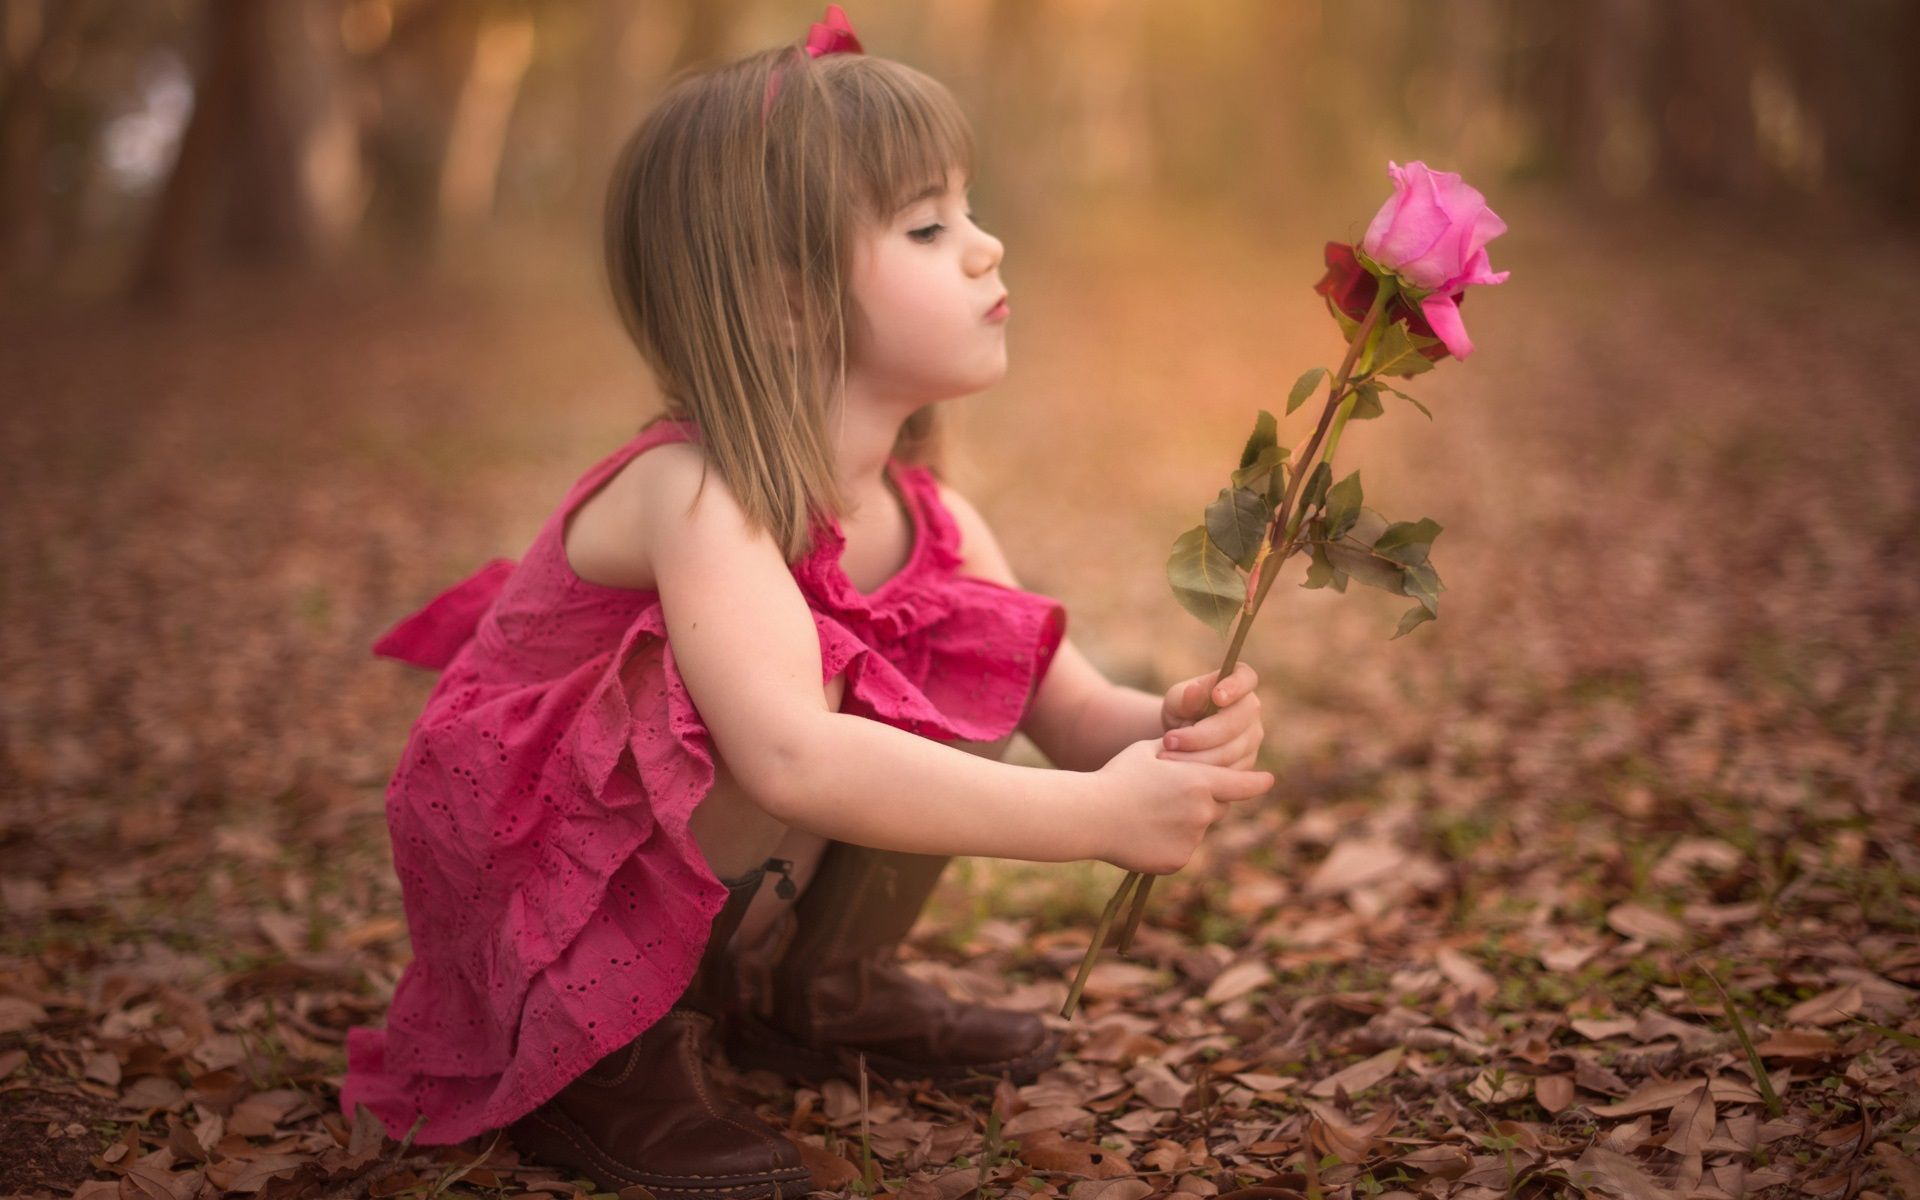 Cute Little Girl Holding Rose Flower Wallpaper 1920x1200 Resolution Wallpaper Download Best Wallpaper Net Fotografcilik Guller Cicek